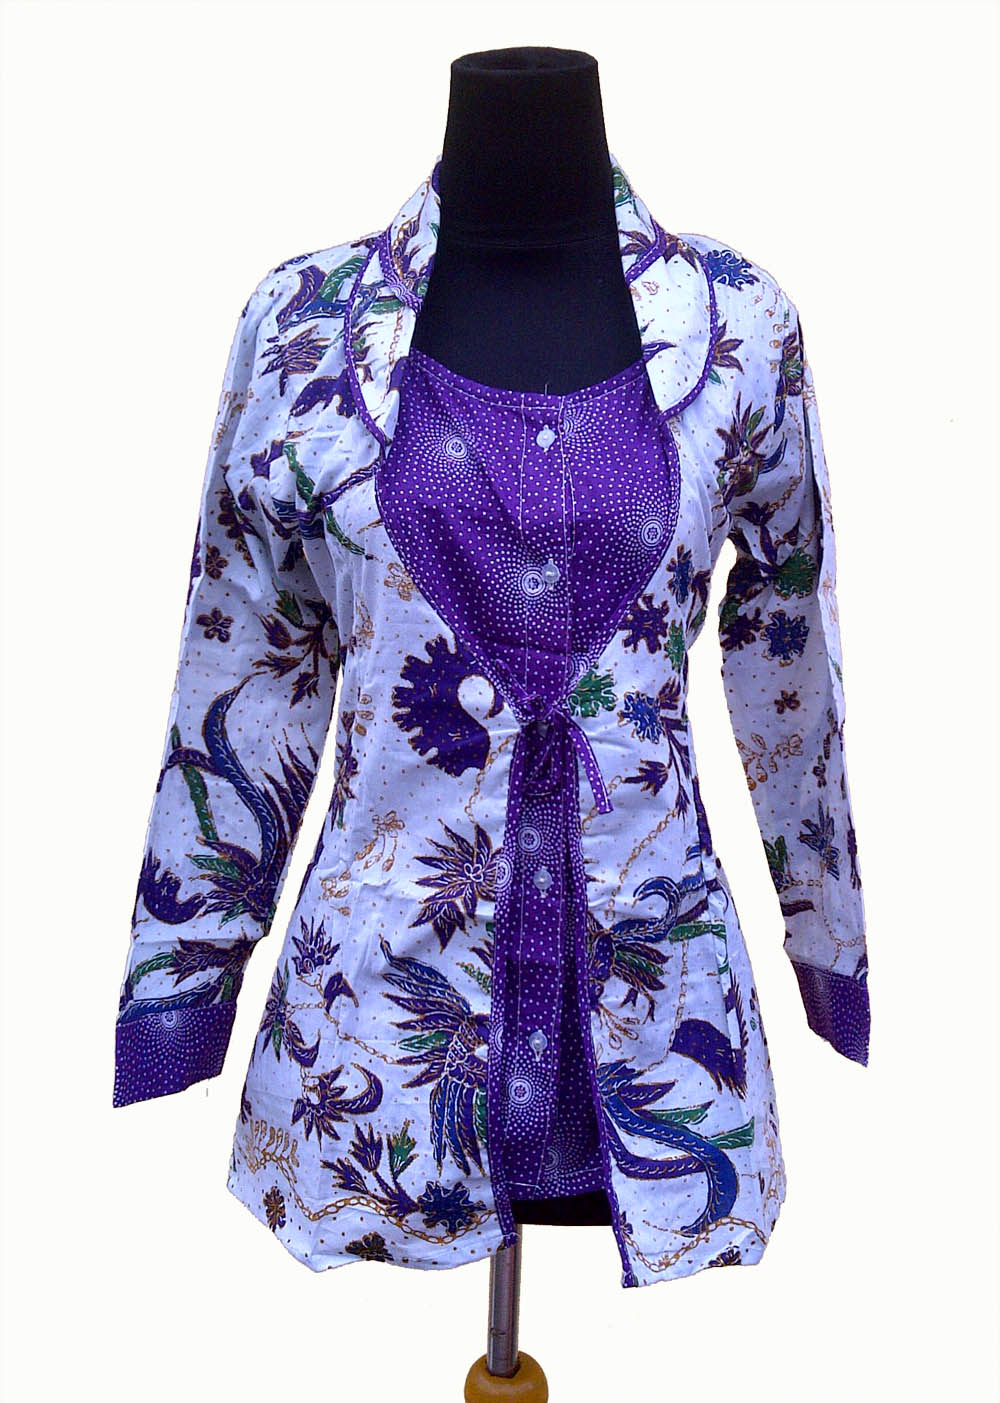 10 Model Baju Batik Atasan Lengan Panjang Wanita Modern 2017